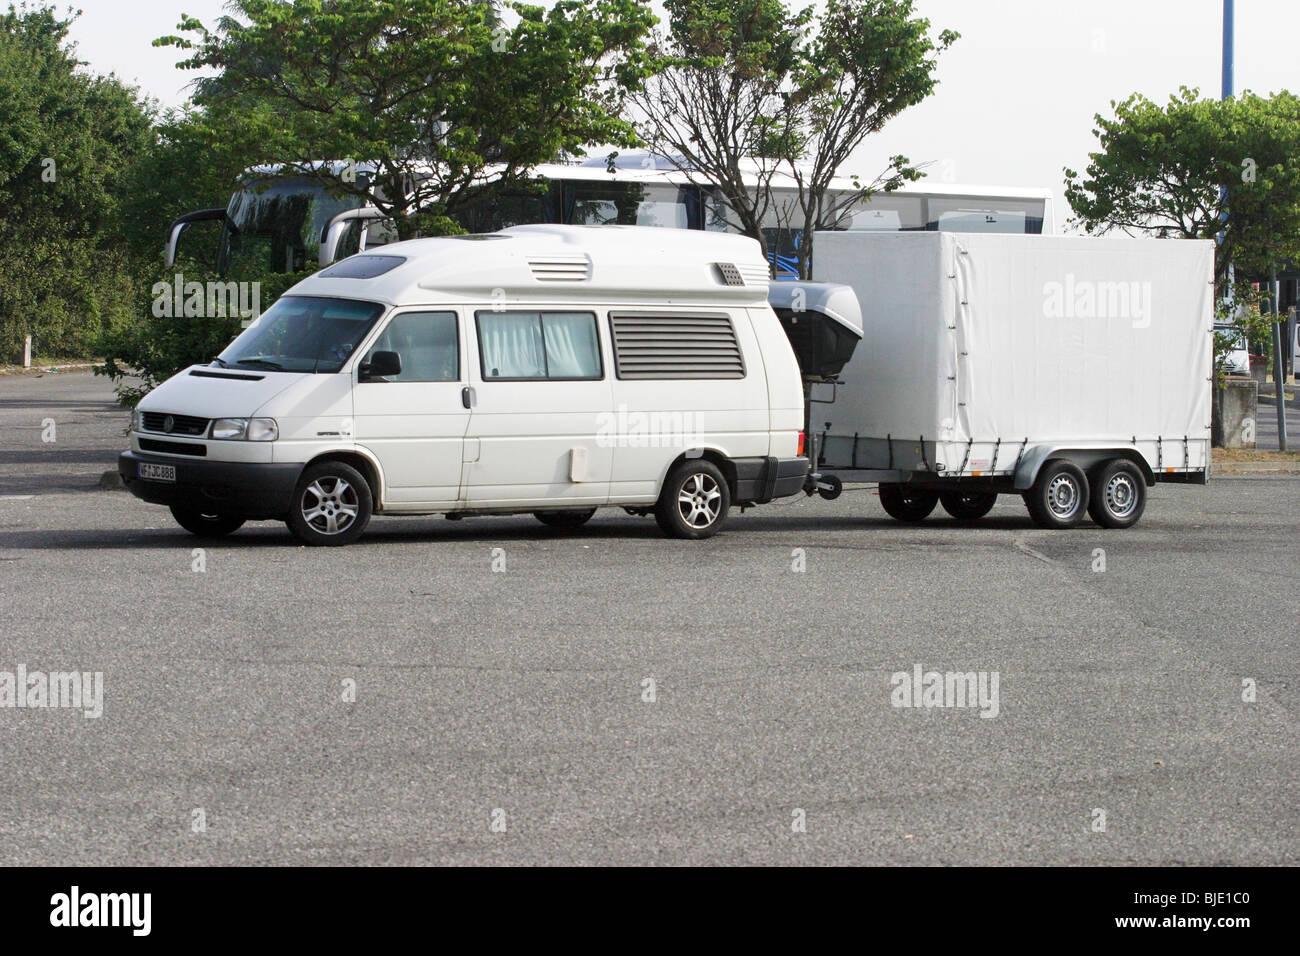 Volkswagen camper - Stock Image